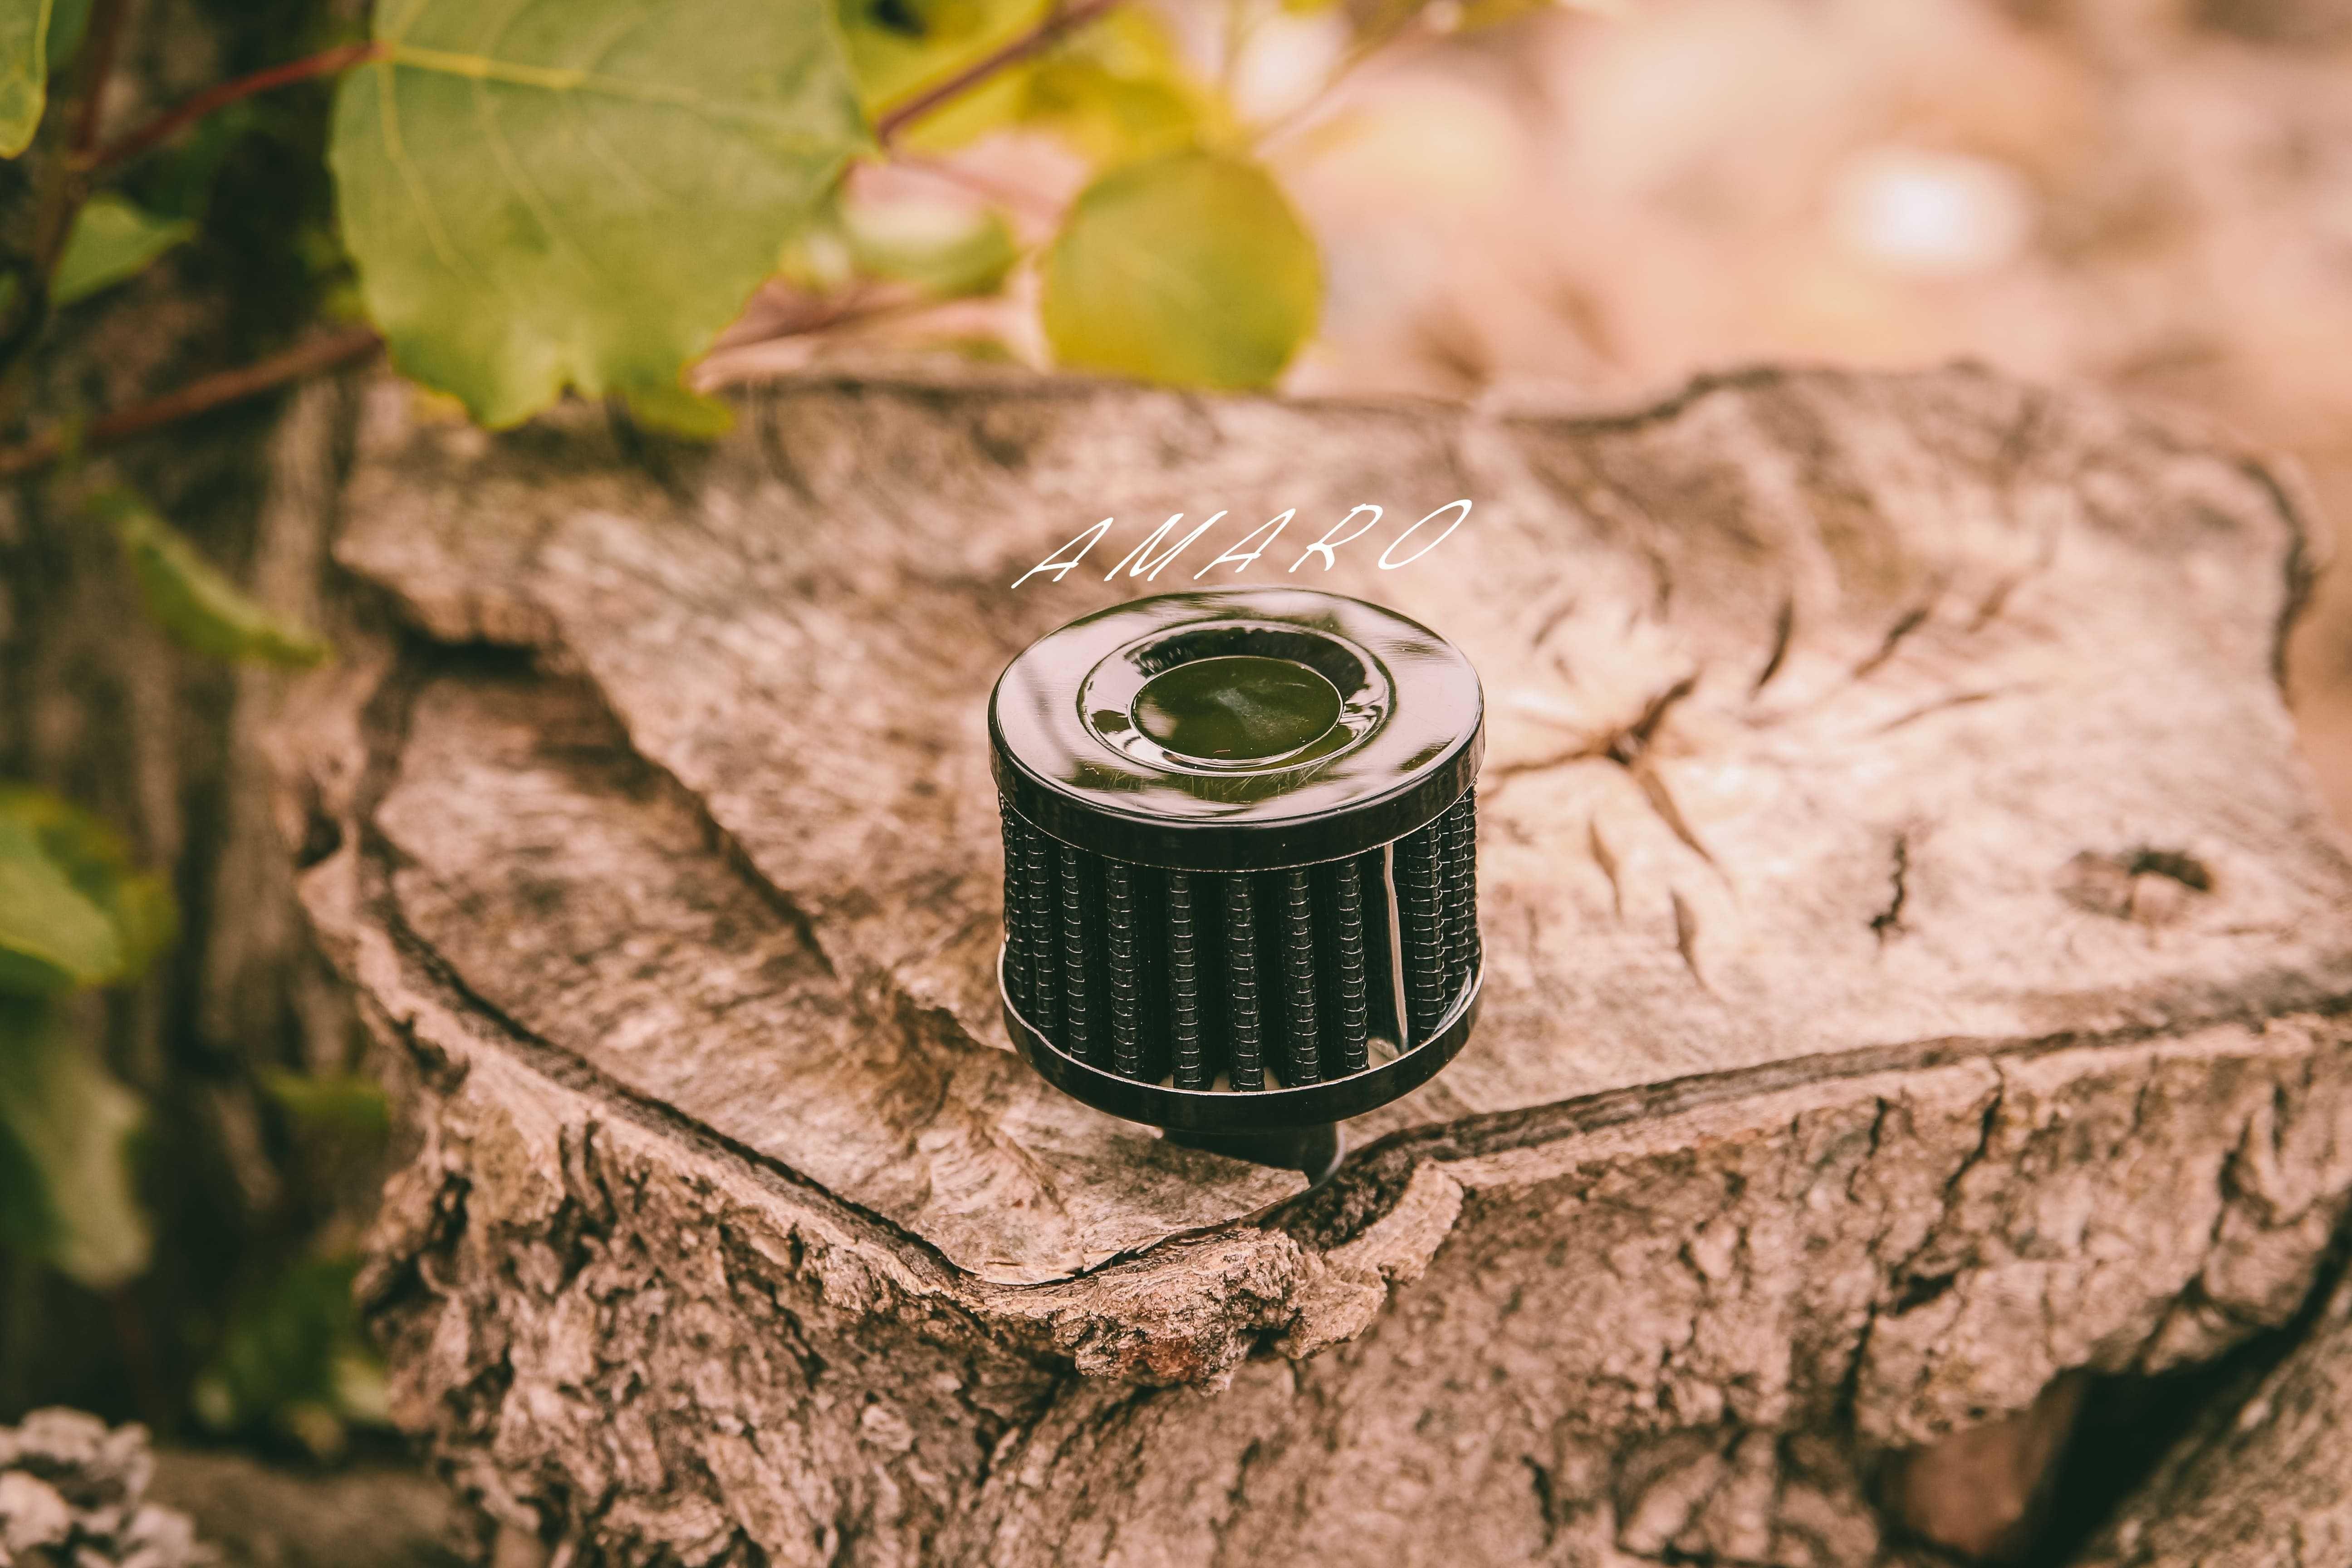 Filtro de Ar Mini em Alumínio para Mota ou Carro (Preto)|NOVO